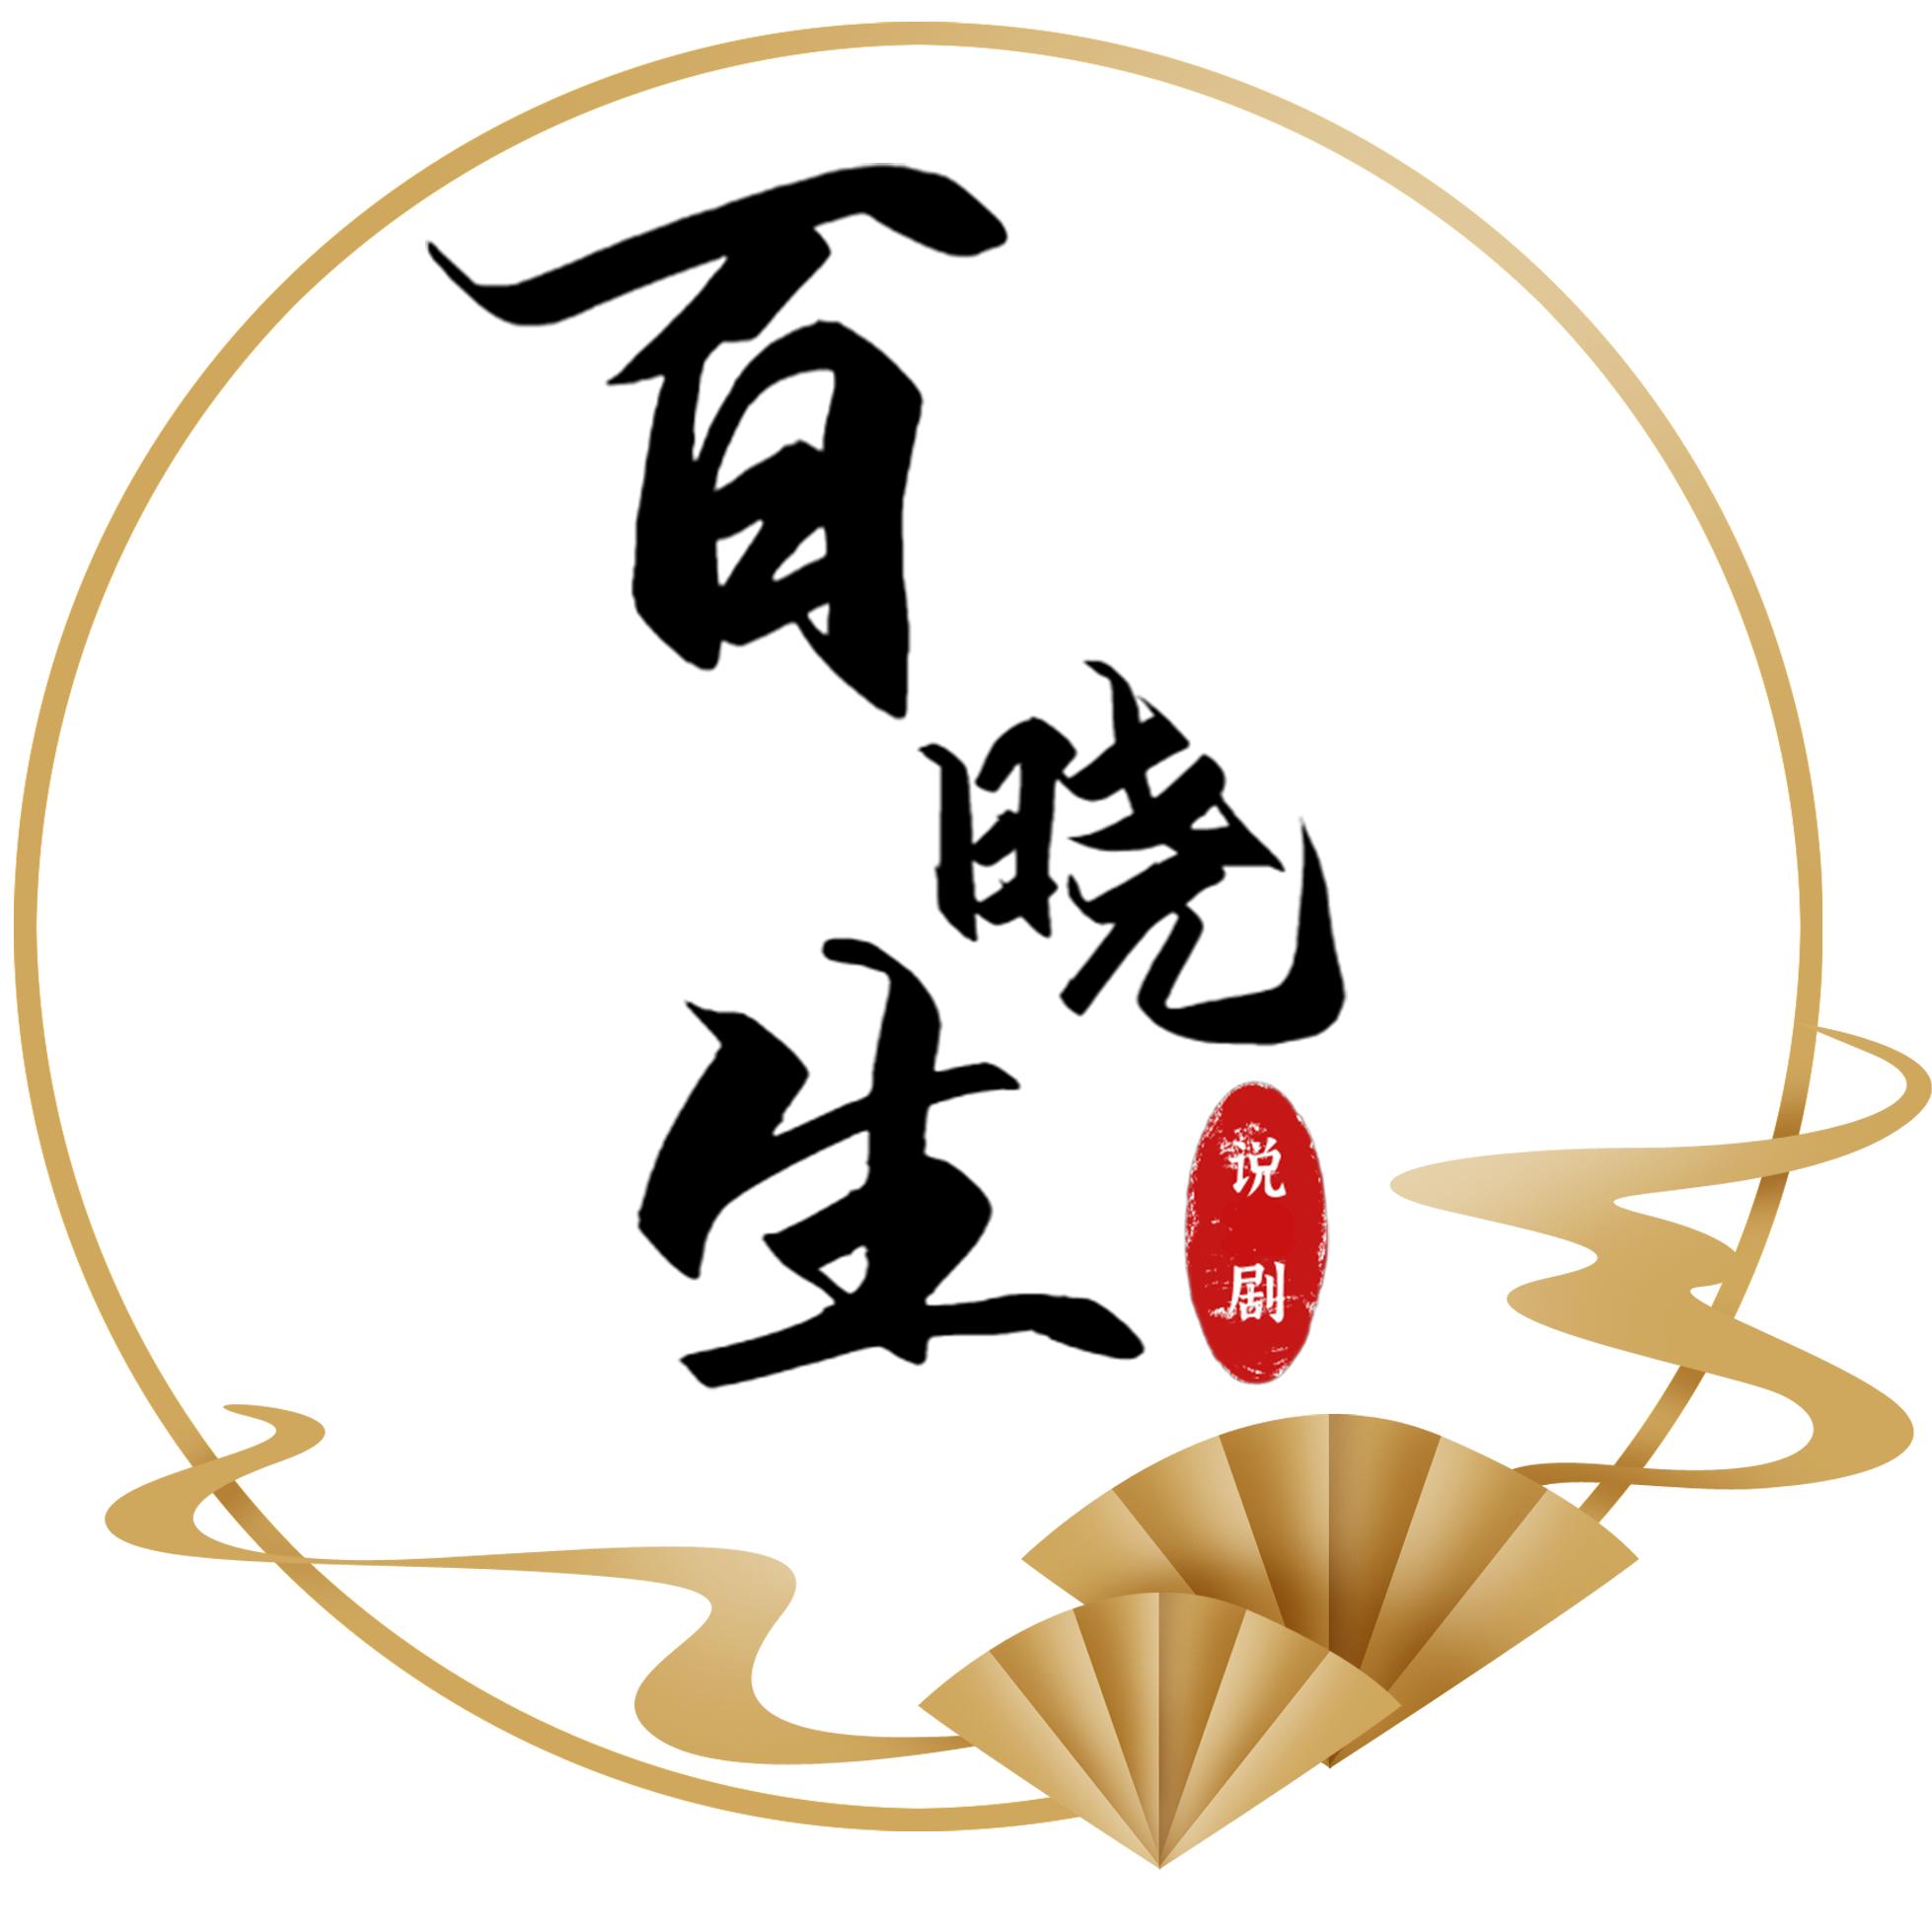 #倚天屠龙记#殷素素手持屠龙刀威慑群雄,敢有不从者,毁帮灭派!